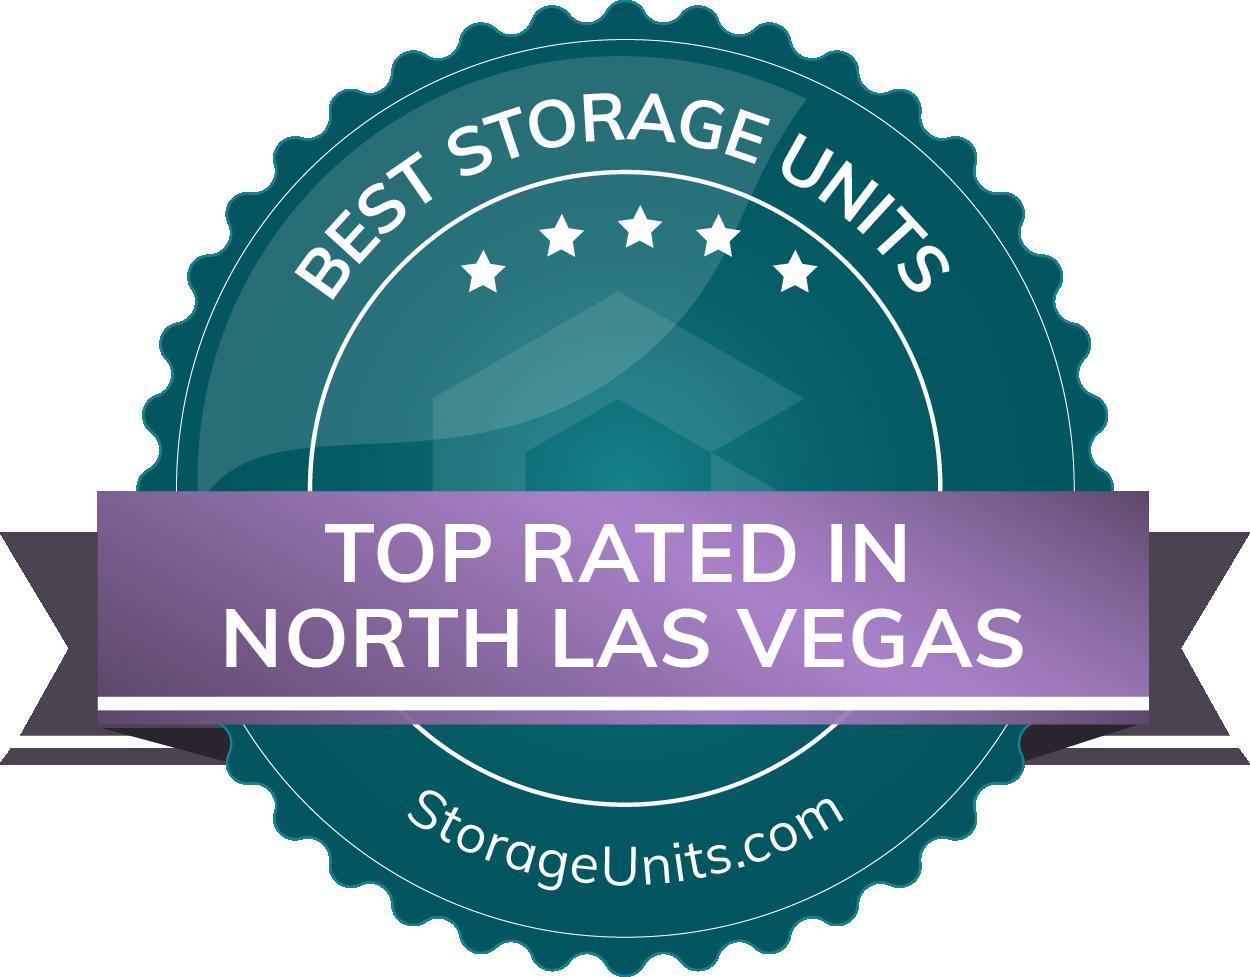 Best Self Storage Units in North Las Vegas, NV